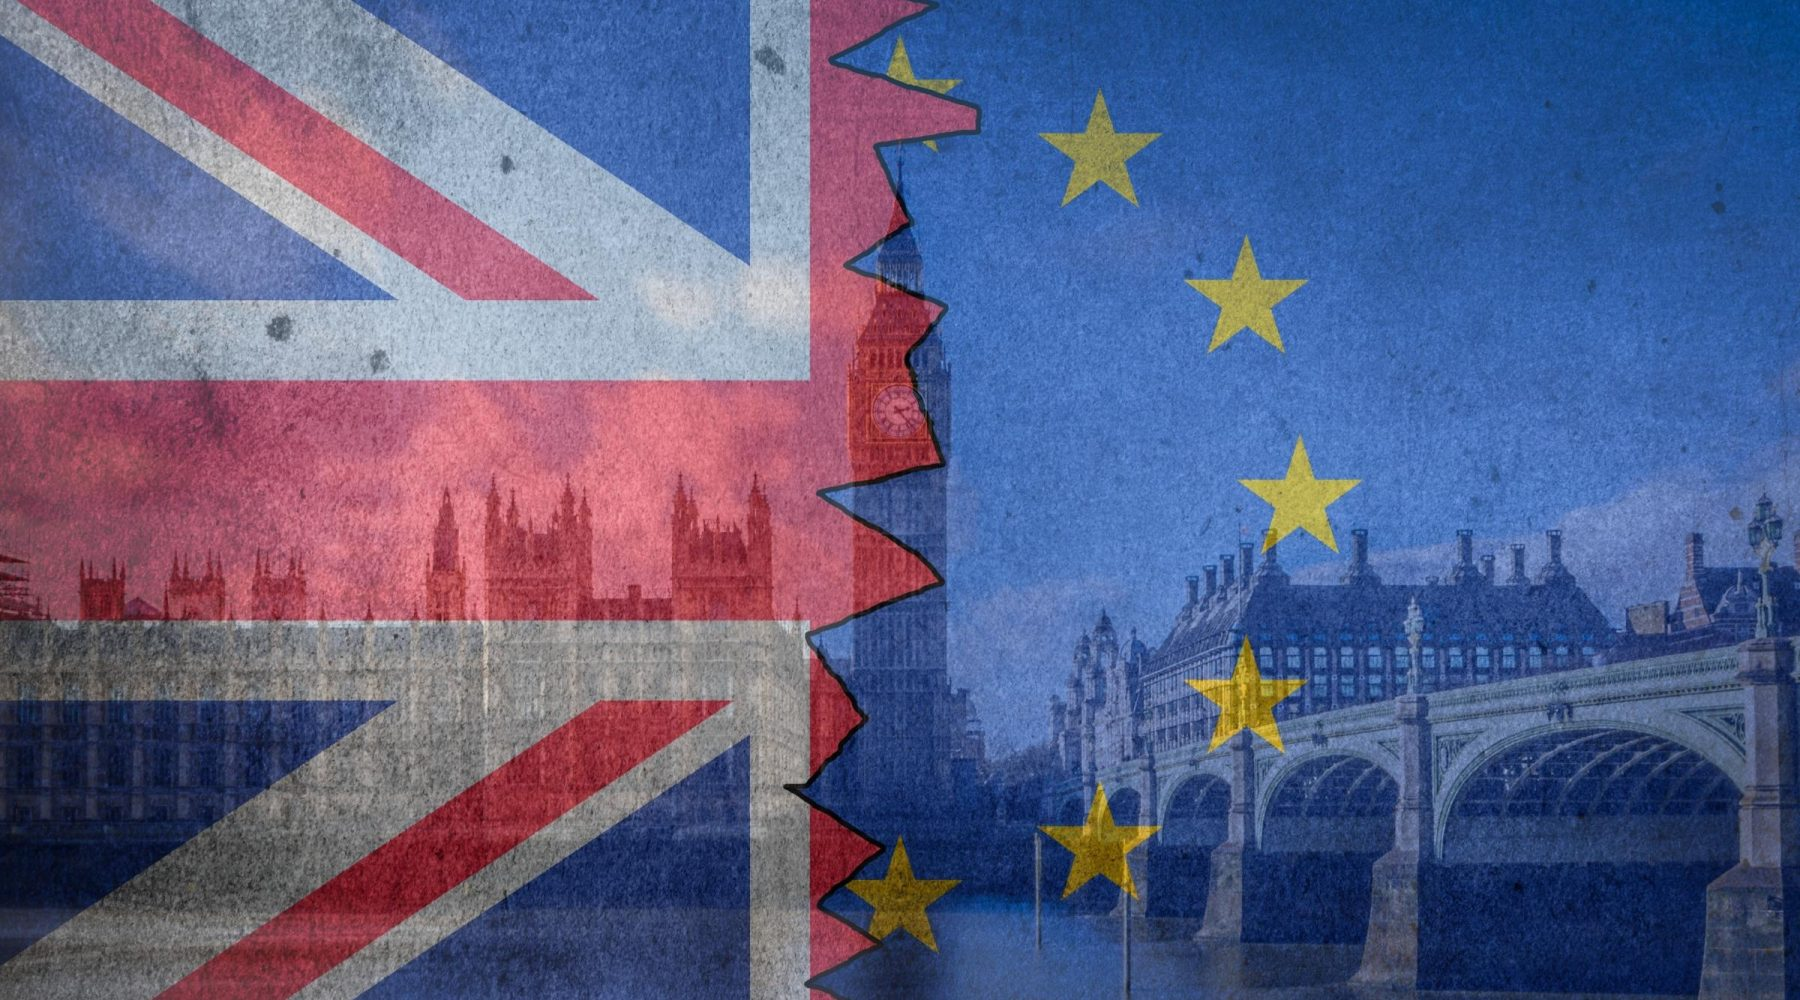 Report raises concerns about Brexit 'uncertainty'